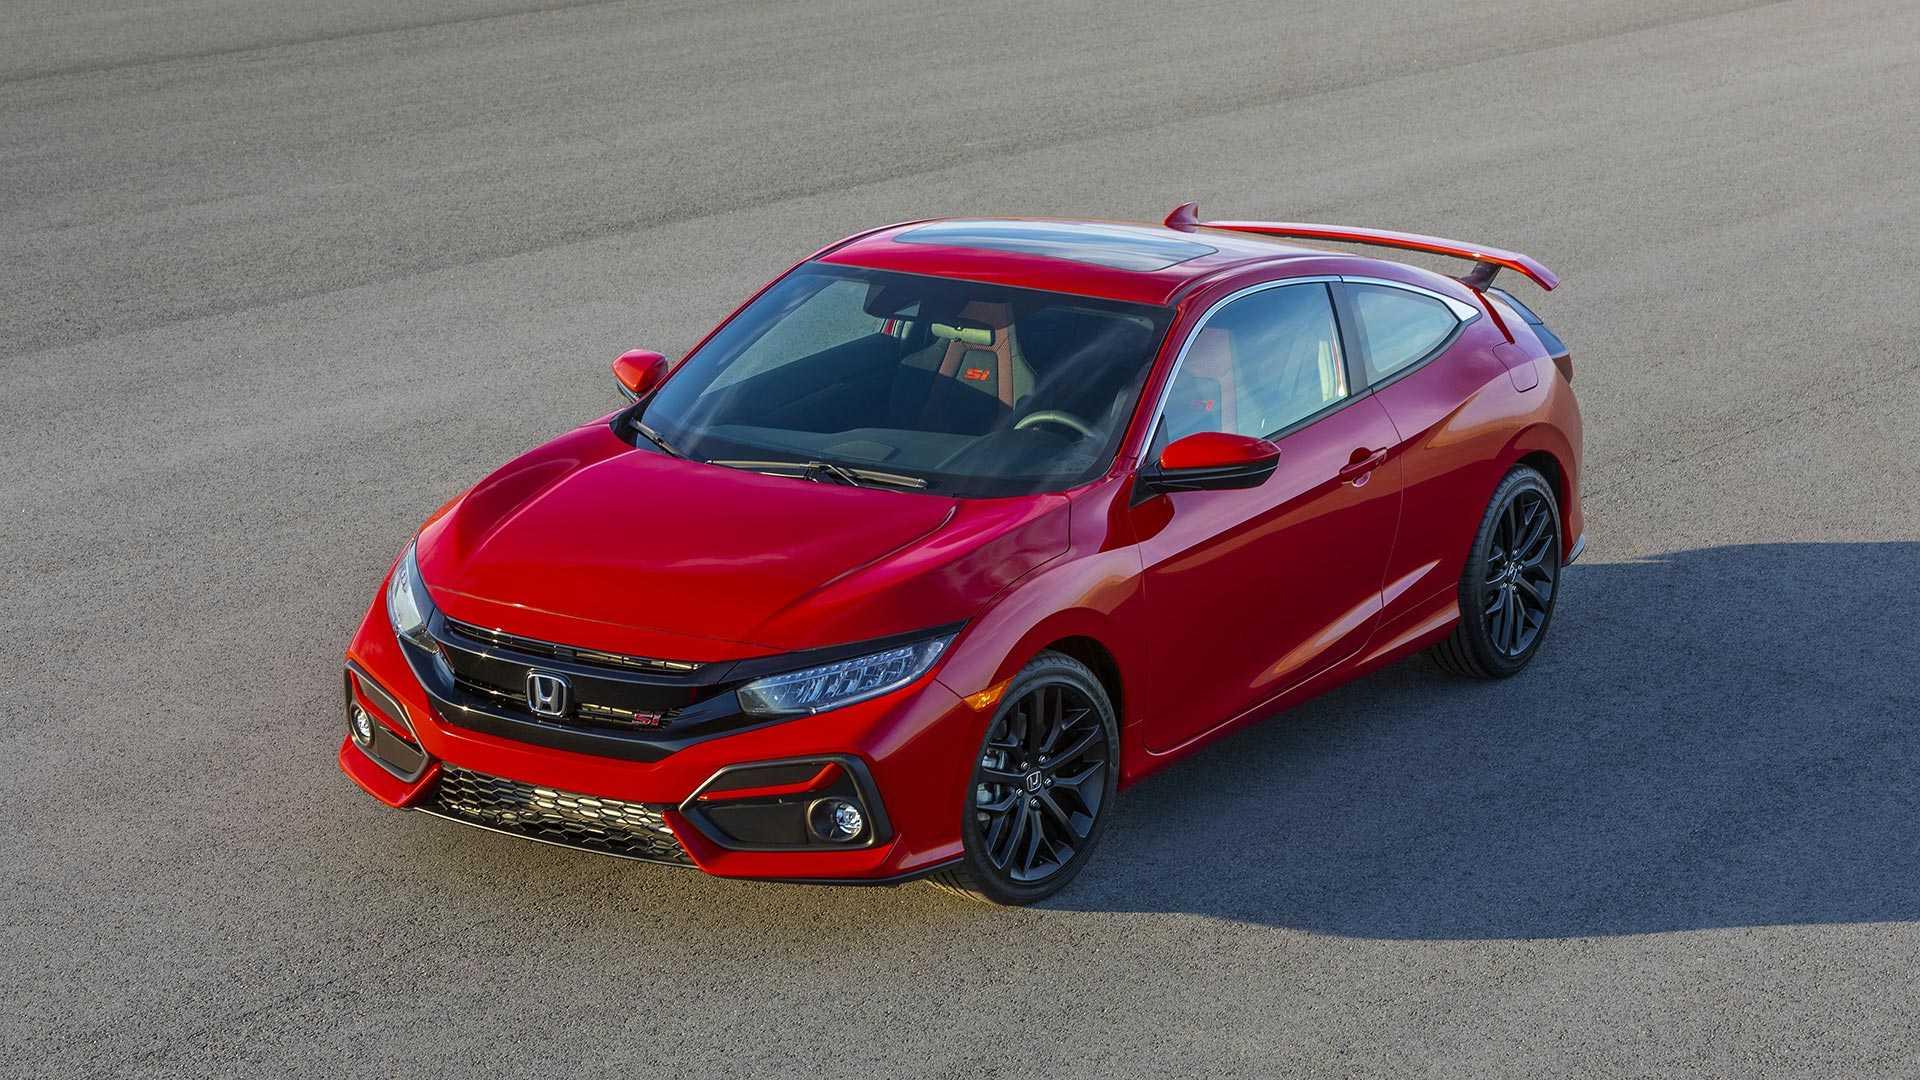 Khám phá Honda Civic Si 2020 phiên bản thể thao - 02